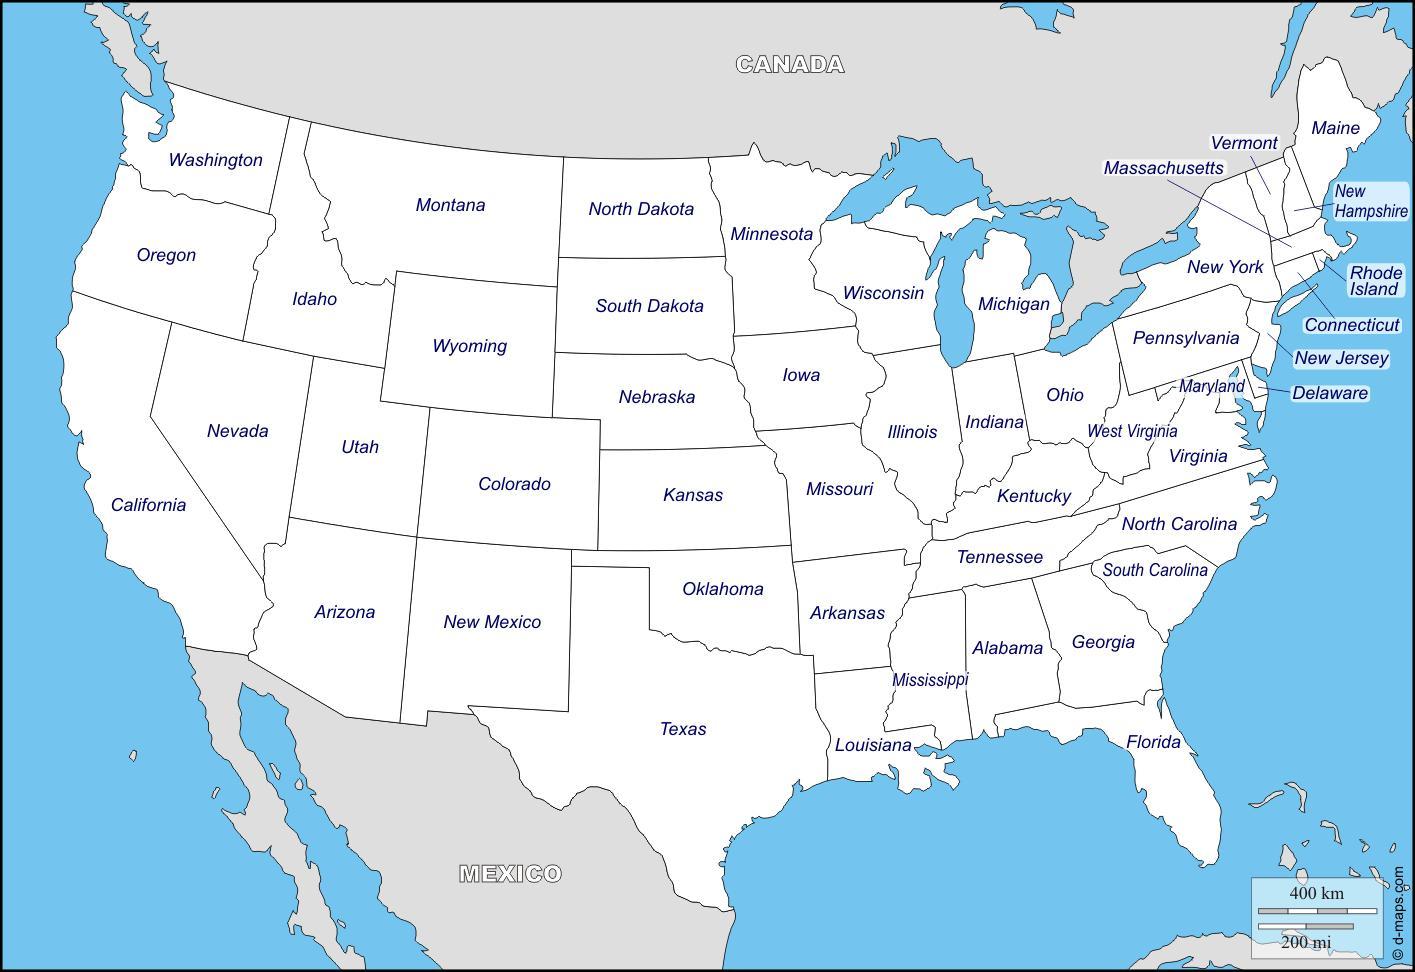 La Cartina Degli Stati Uniti D America.Mappa Di Stati Uniti D America Con I Nomi Degli Stati Mappa Degli Stati Uniti Con I Nomi Degli Stati Dell America Del Nord America